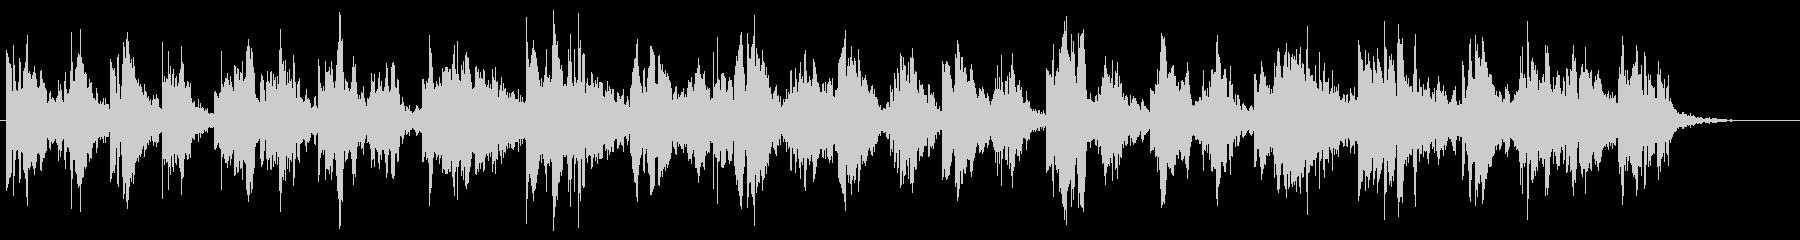 ヒーリング/自然/シンセ/ゆったりBGMの未再生の波形